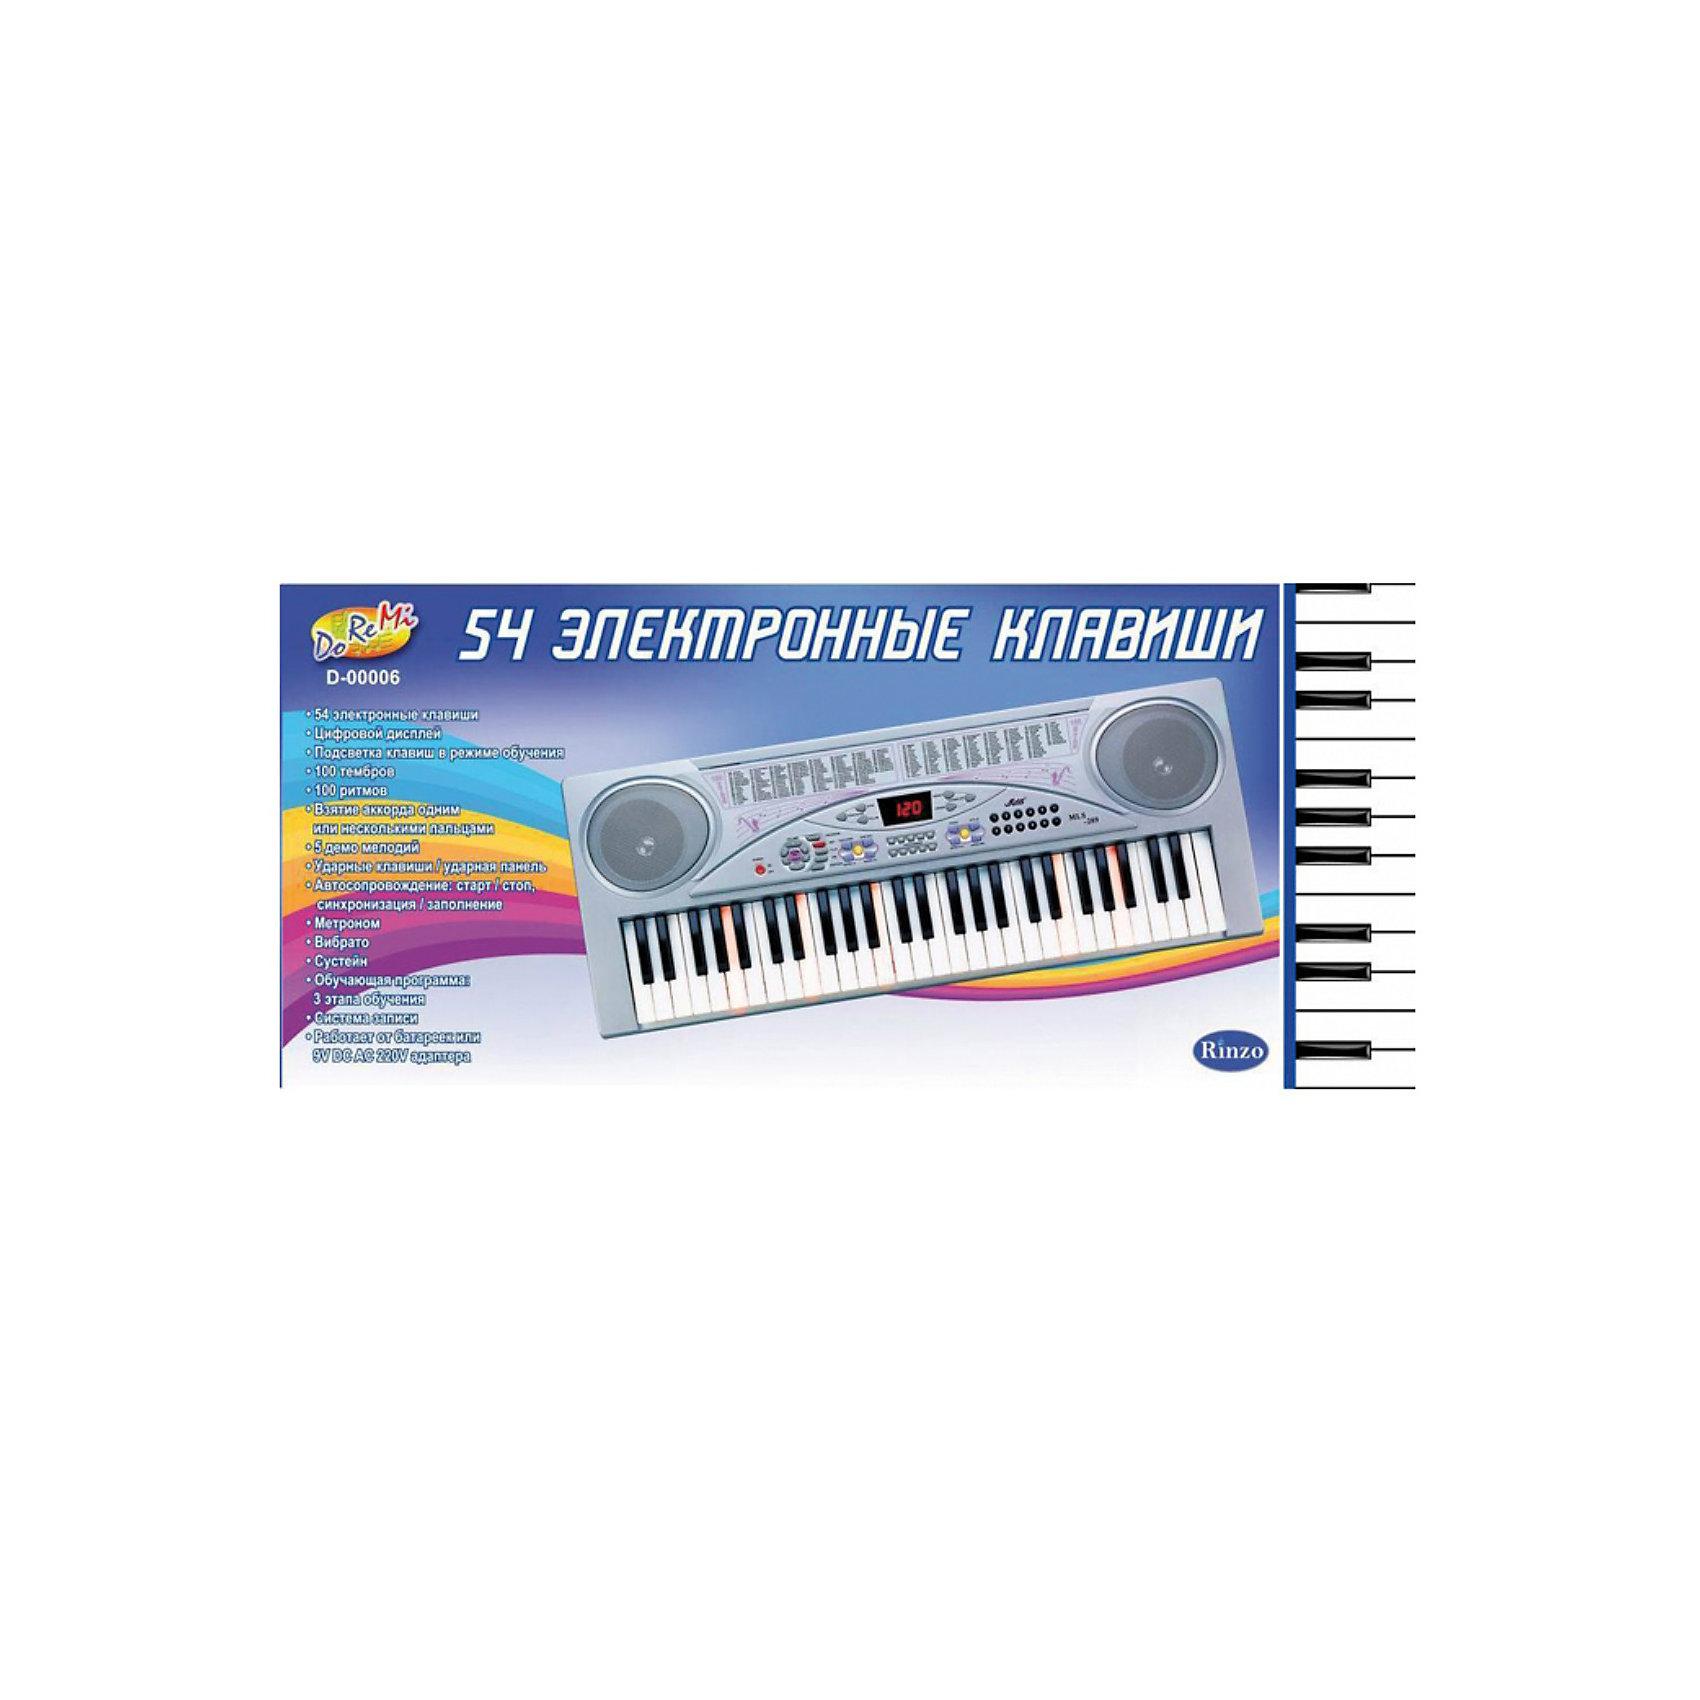 - DoReMi Синтезатор с микрофоном, 54 клавиши музыкальный инструмент детский doremi синтезатор 54 клавиши с микрофоном